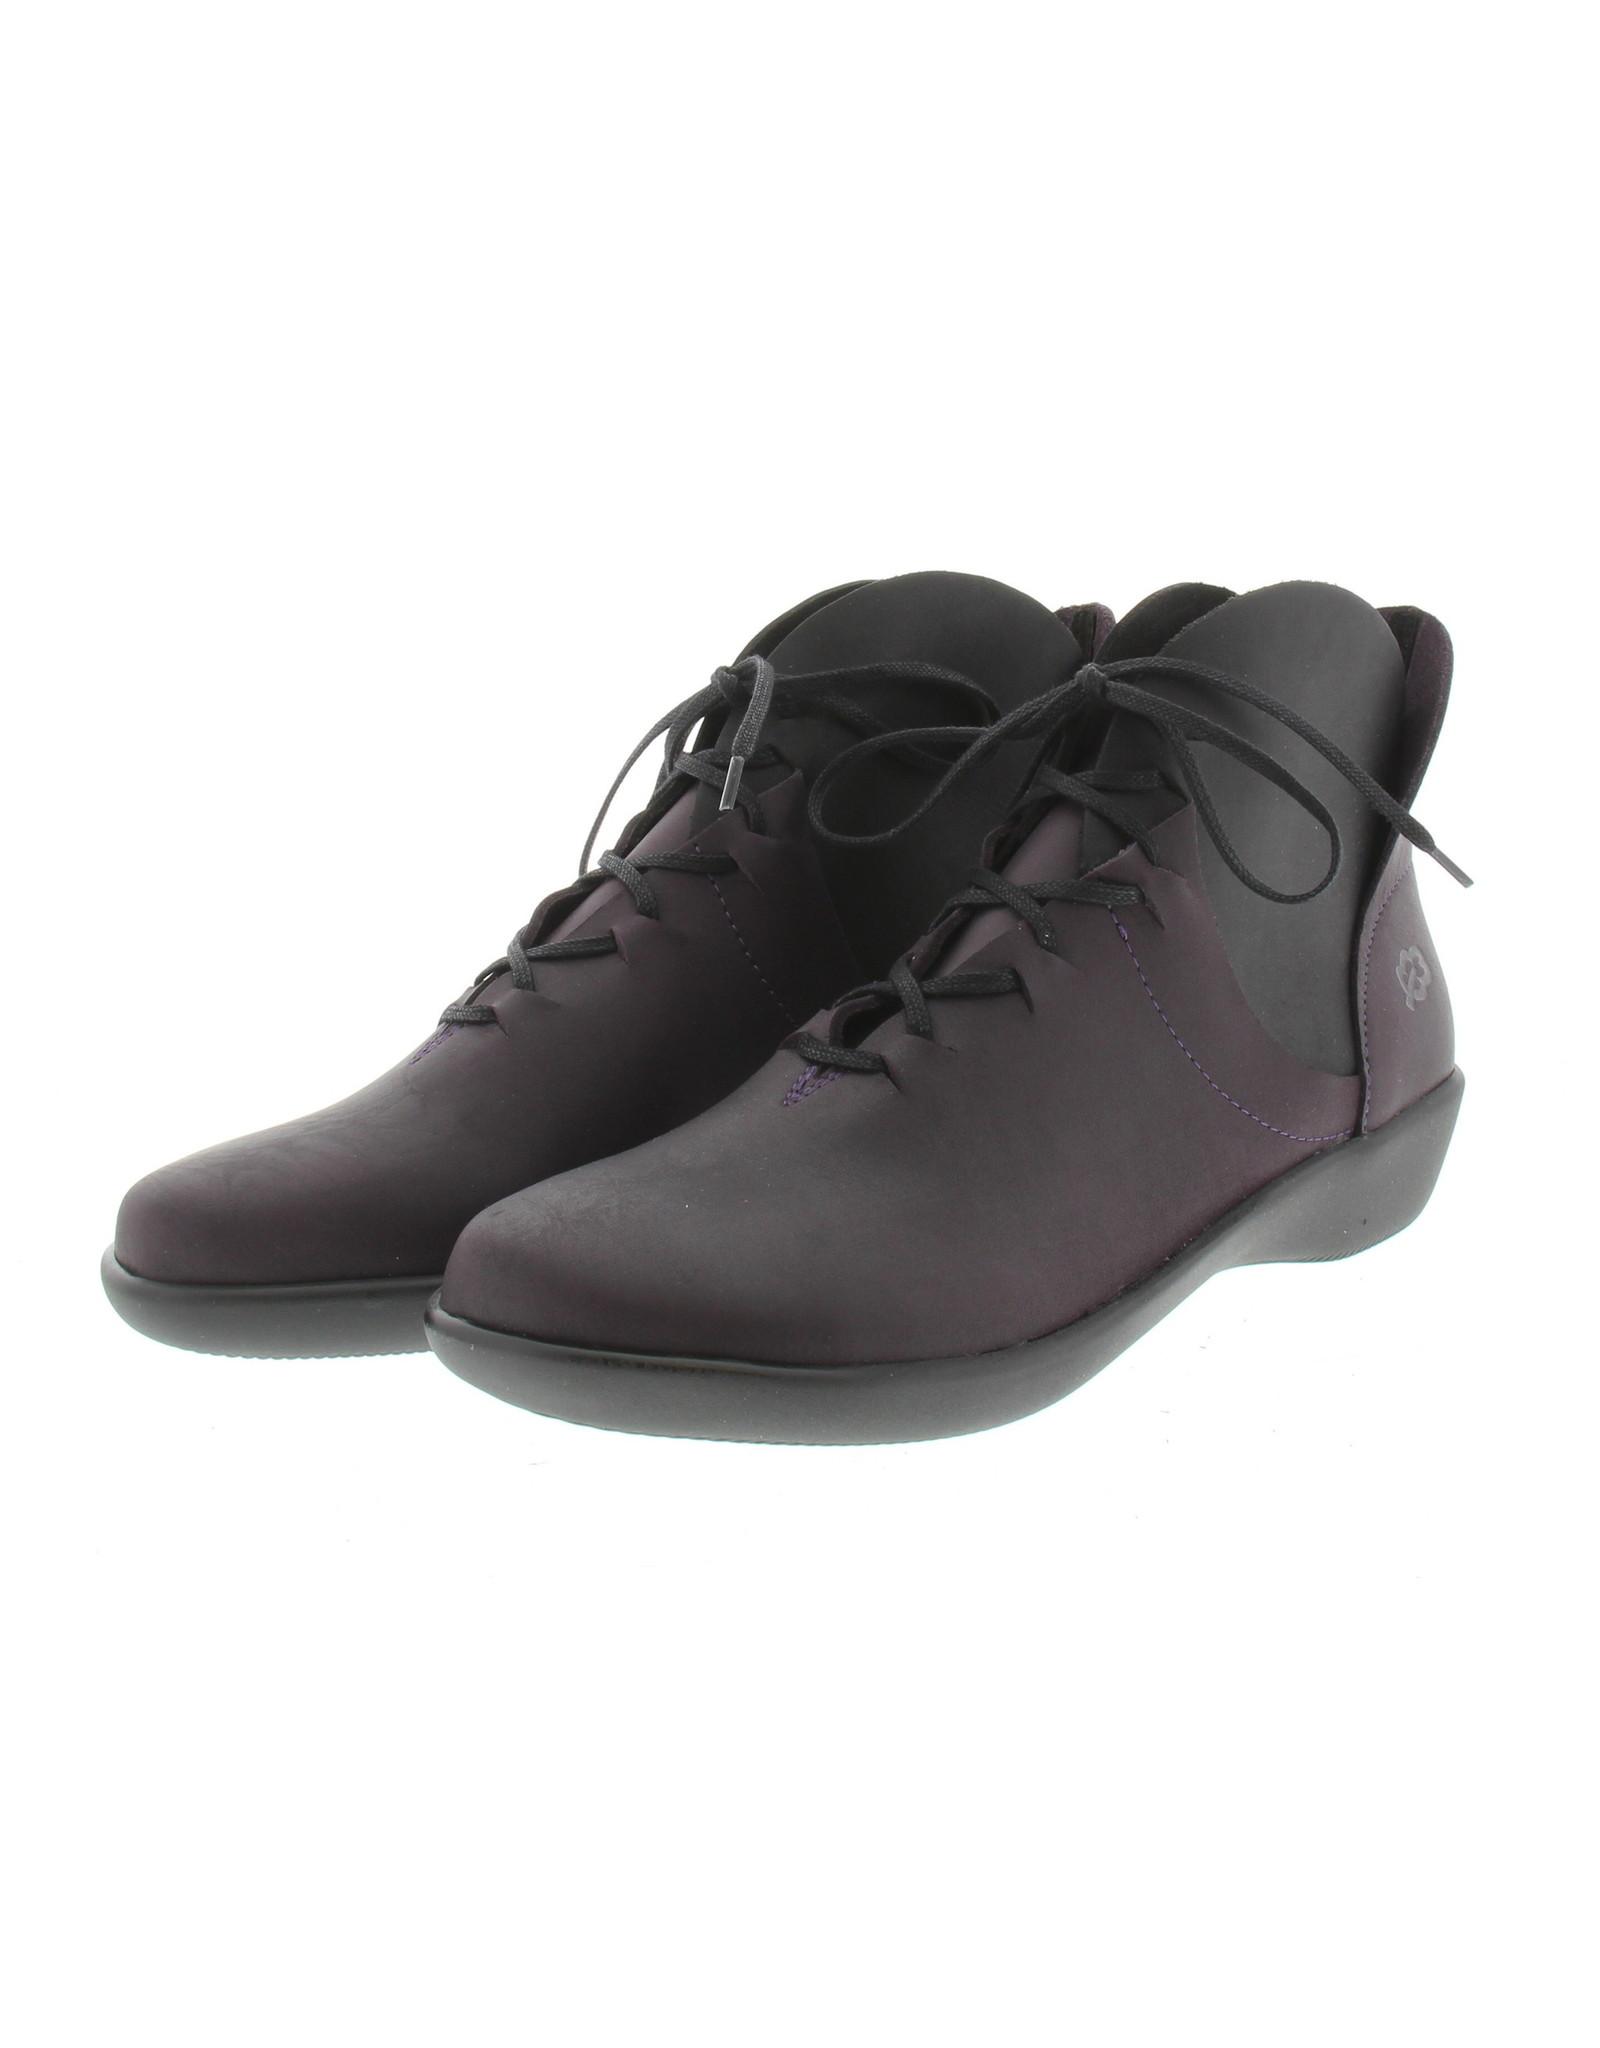 Loints Active 73930 274/977 violet/black